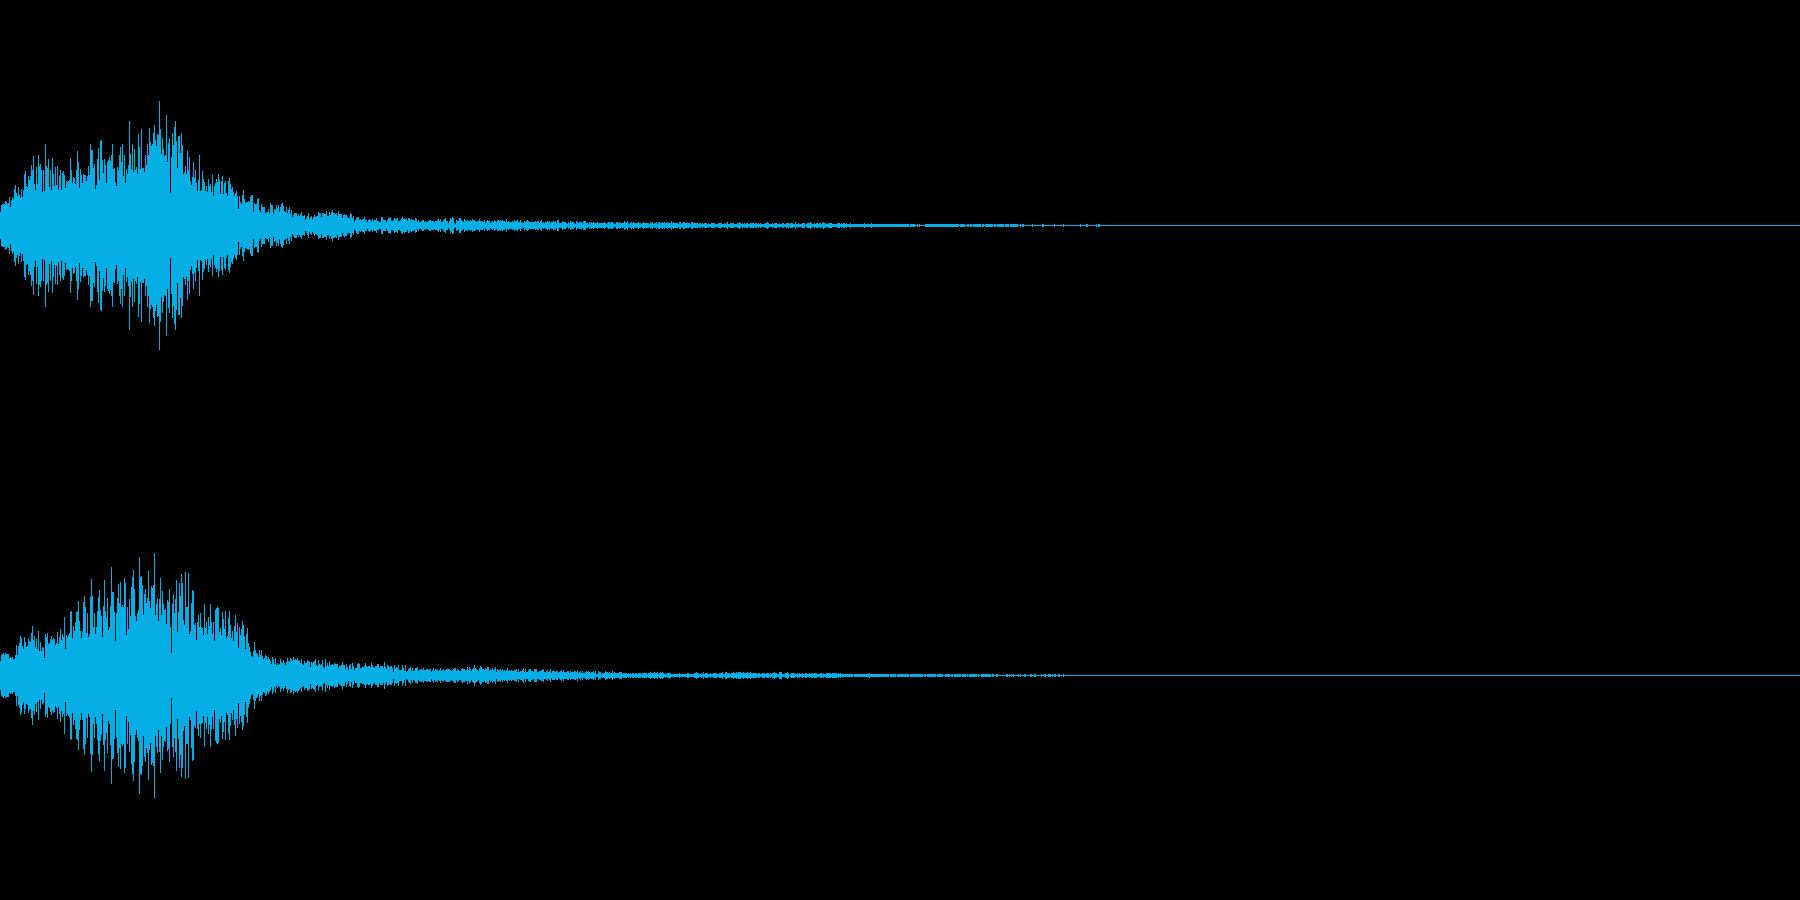 明るいサウンドロゴorRPGスタート音の再生済みの波形